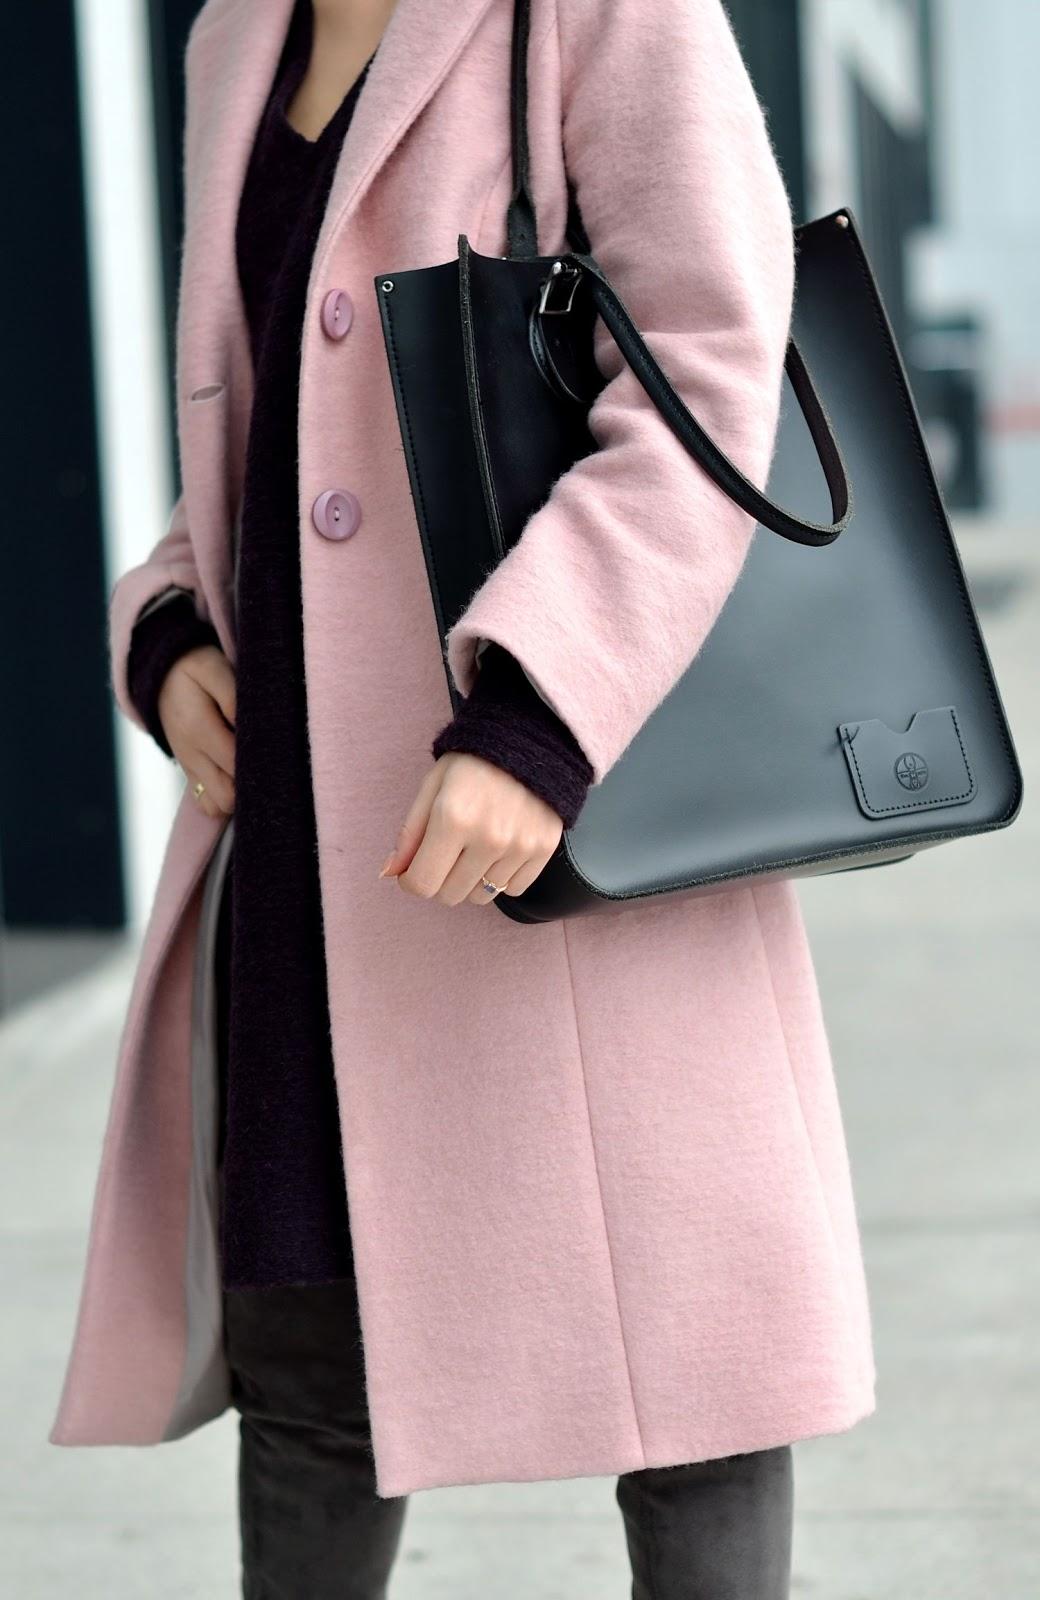 blog modowy | welniany plaszcz | rozowy plaszcz z czym nosic | sens zycia jak znalezc